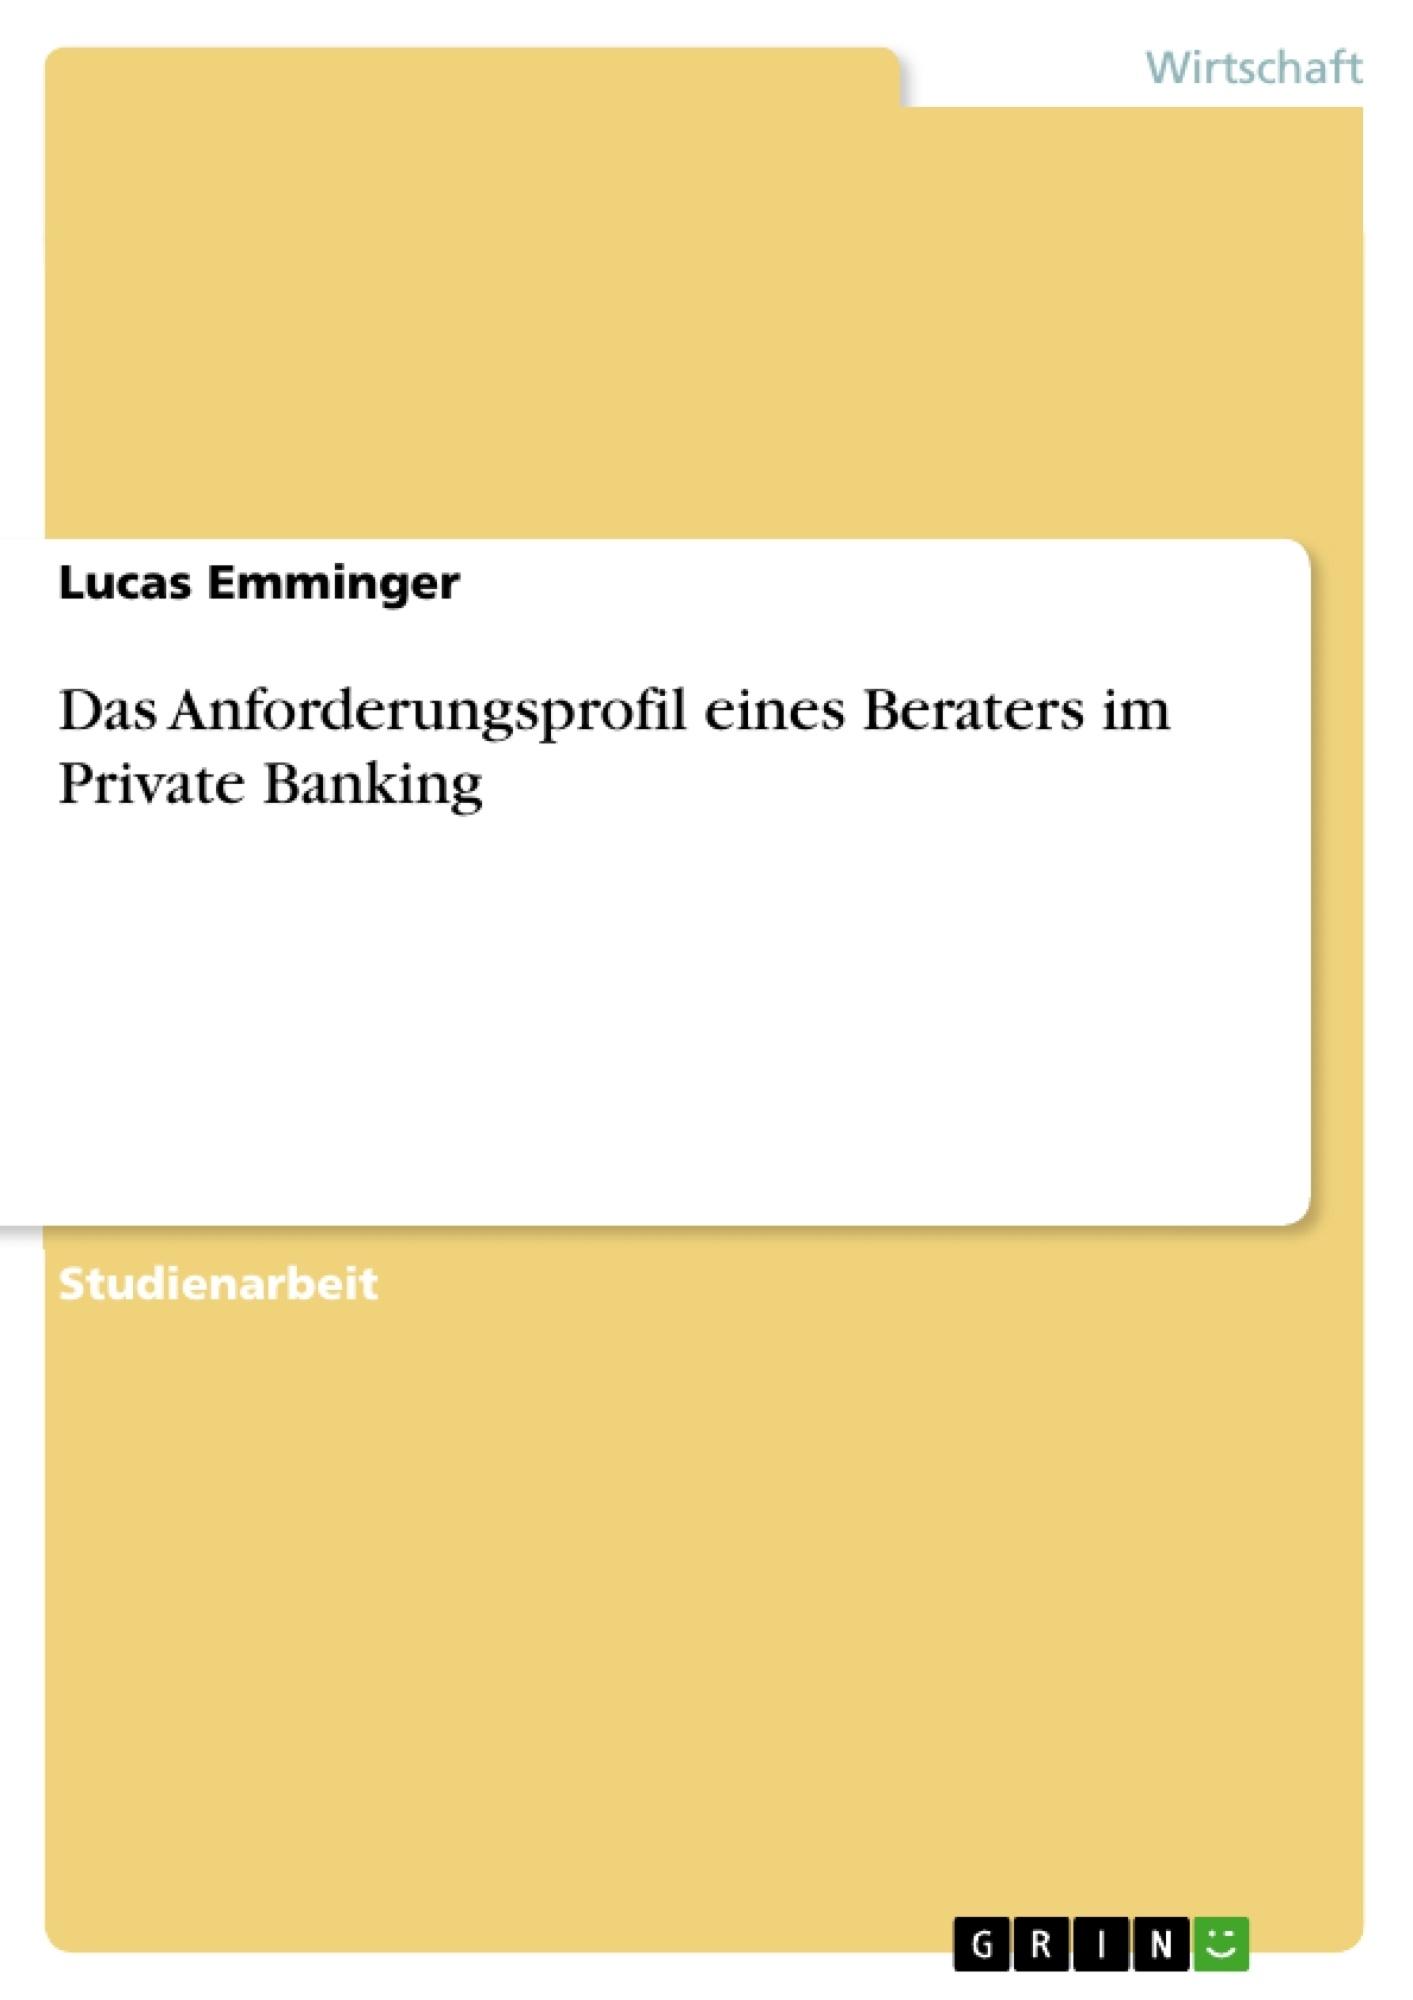 Titel: Das Anforderungsprofil eines Beraters im Private Banking